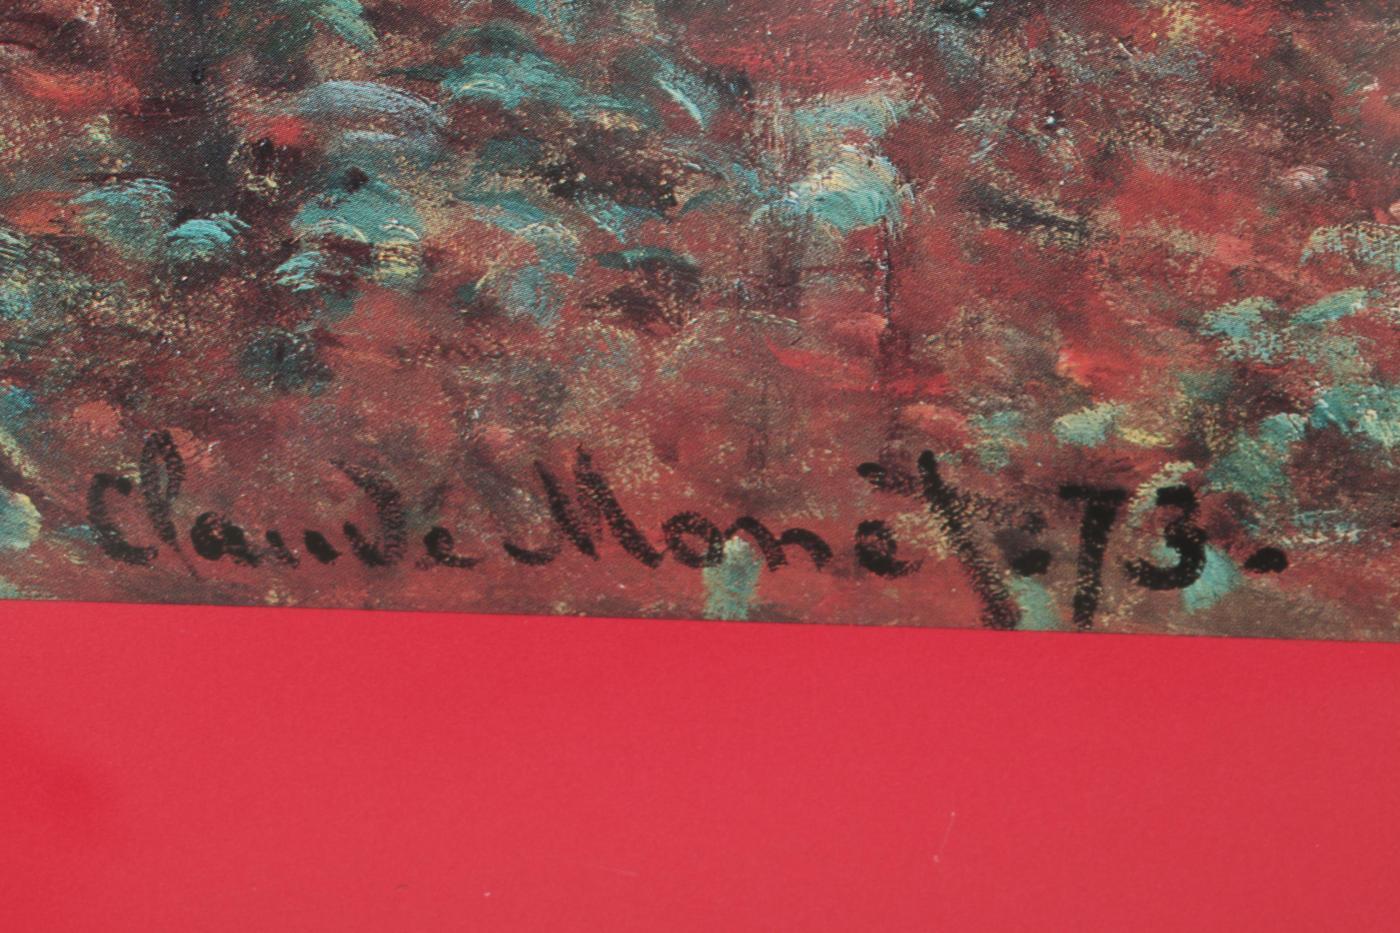 1995 Art Institute Of Chicago Claude Monet Exhibit Poster